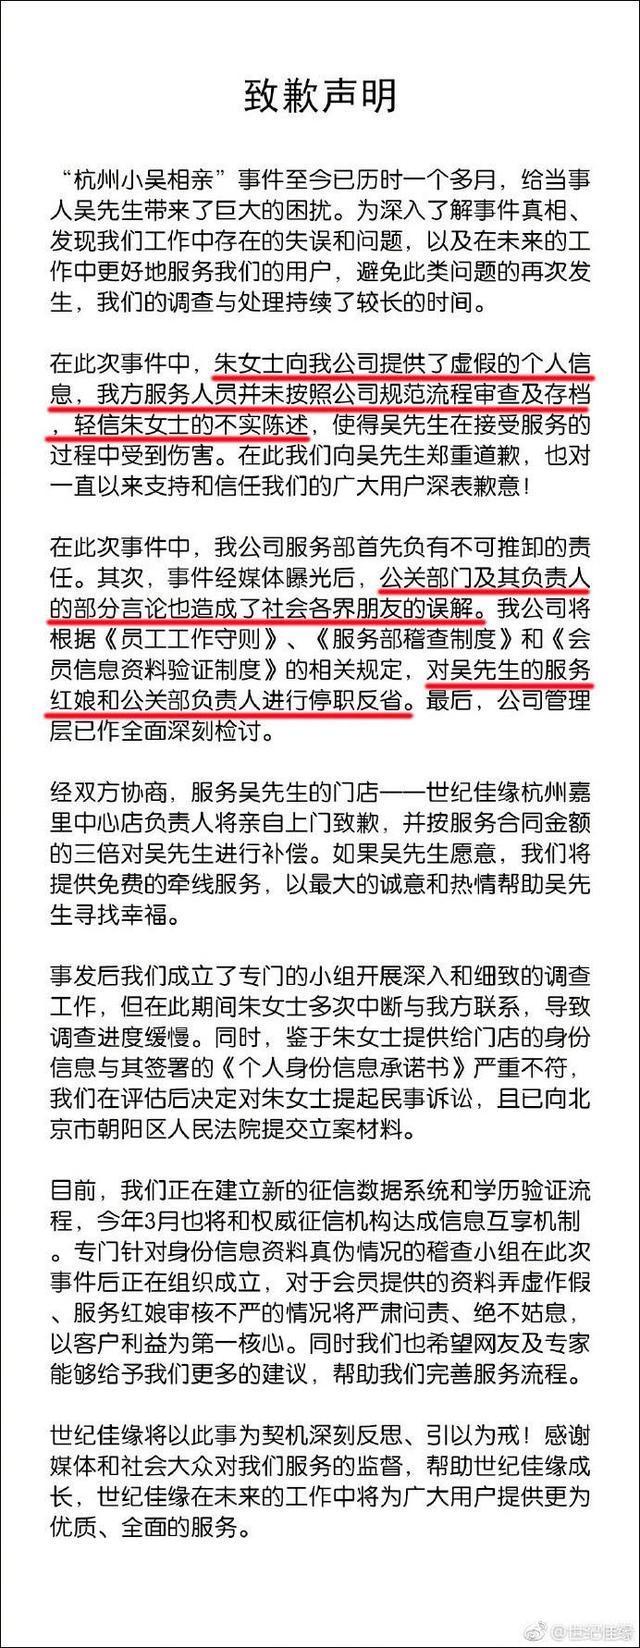 """世纪佳缘董事长_小吴与""""董事长女儿""""相亲被骗!世纪佳缘终于致歉了"""